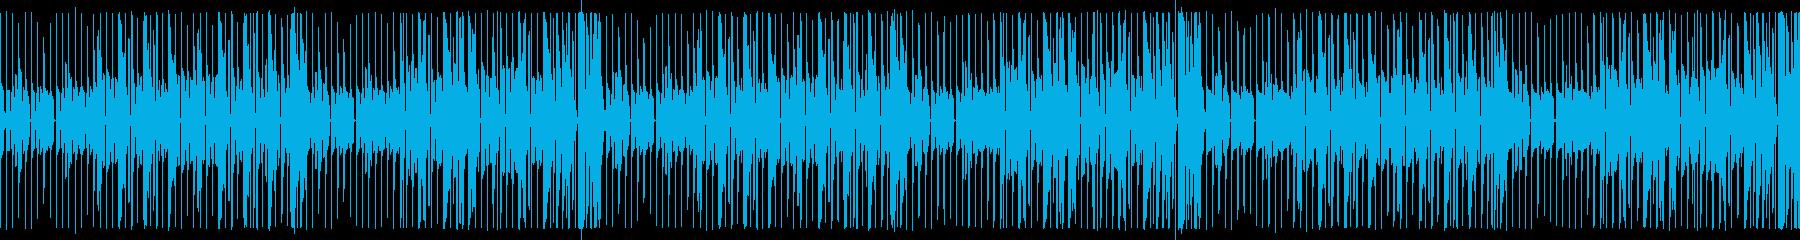 【ループ版】YouTube サックスの再生済みの波形